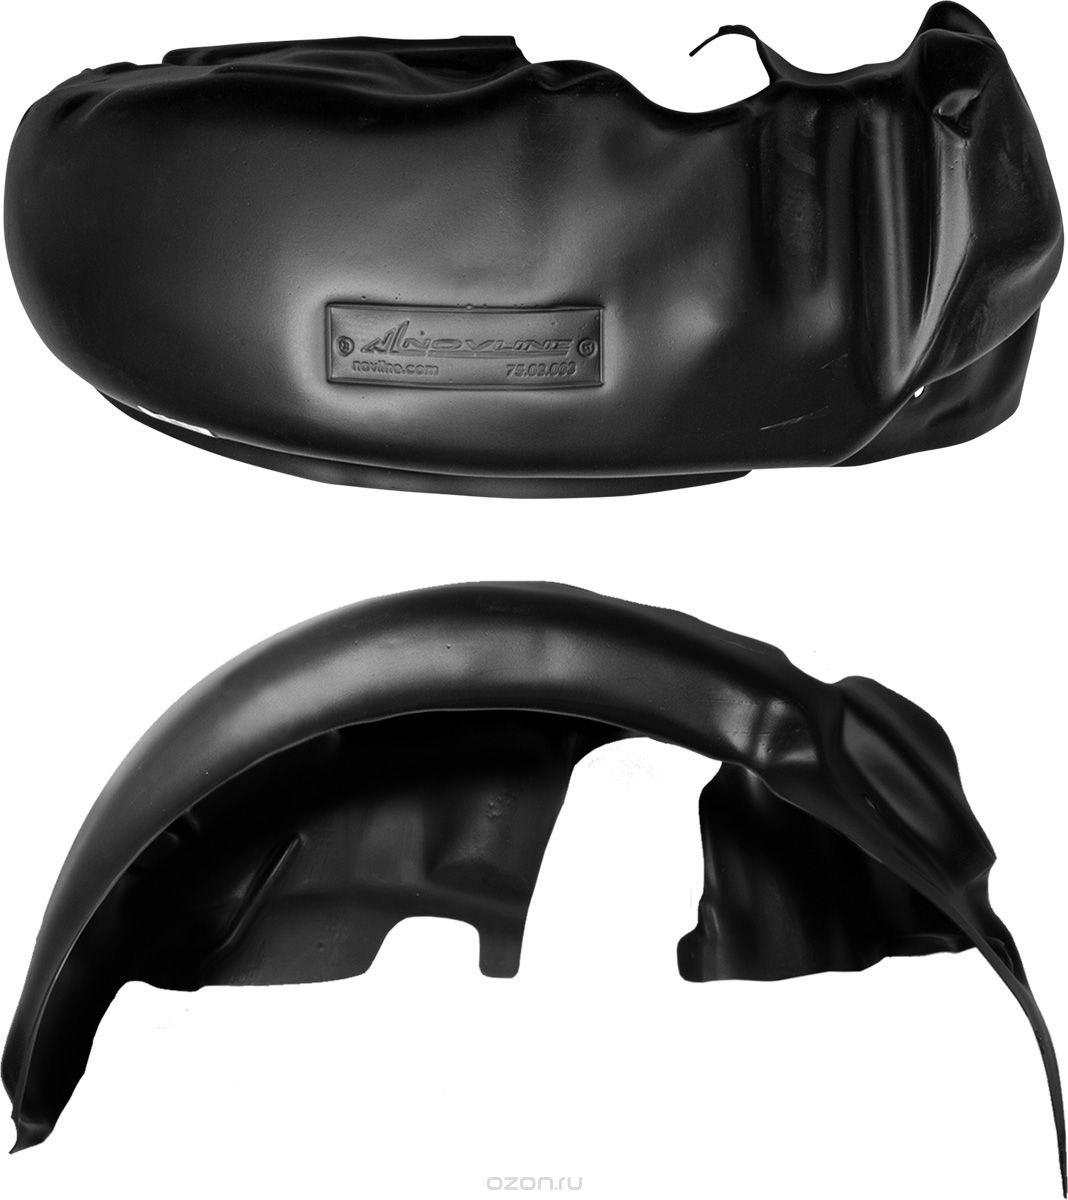 Подкрылок Novline-Autofamily, для MITSUBISHI ASX 2010-01/2013, передний левыйNLL.35.25.001Идеальная защита колесной ниши. Локеры разработаны с применением цифровых технологий, гарантируют максимальную повторяемость поверхности арки. Изделия устанавливаются без нарушения лакокрасочного покрытия автомобиля, каждый подкрылок комплектуется крепежом. Уважаемые клиенты, обращаем ваше внимание, что фотографии на подкрылки универсальные и не отражают реальную форму изделия. При этом само изделие идет точно под размер указанного автомобиля.